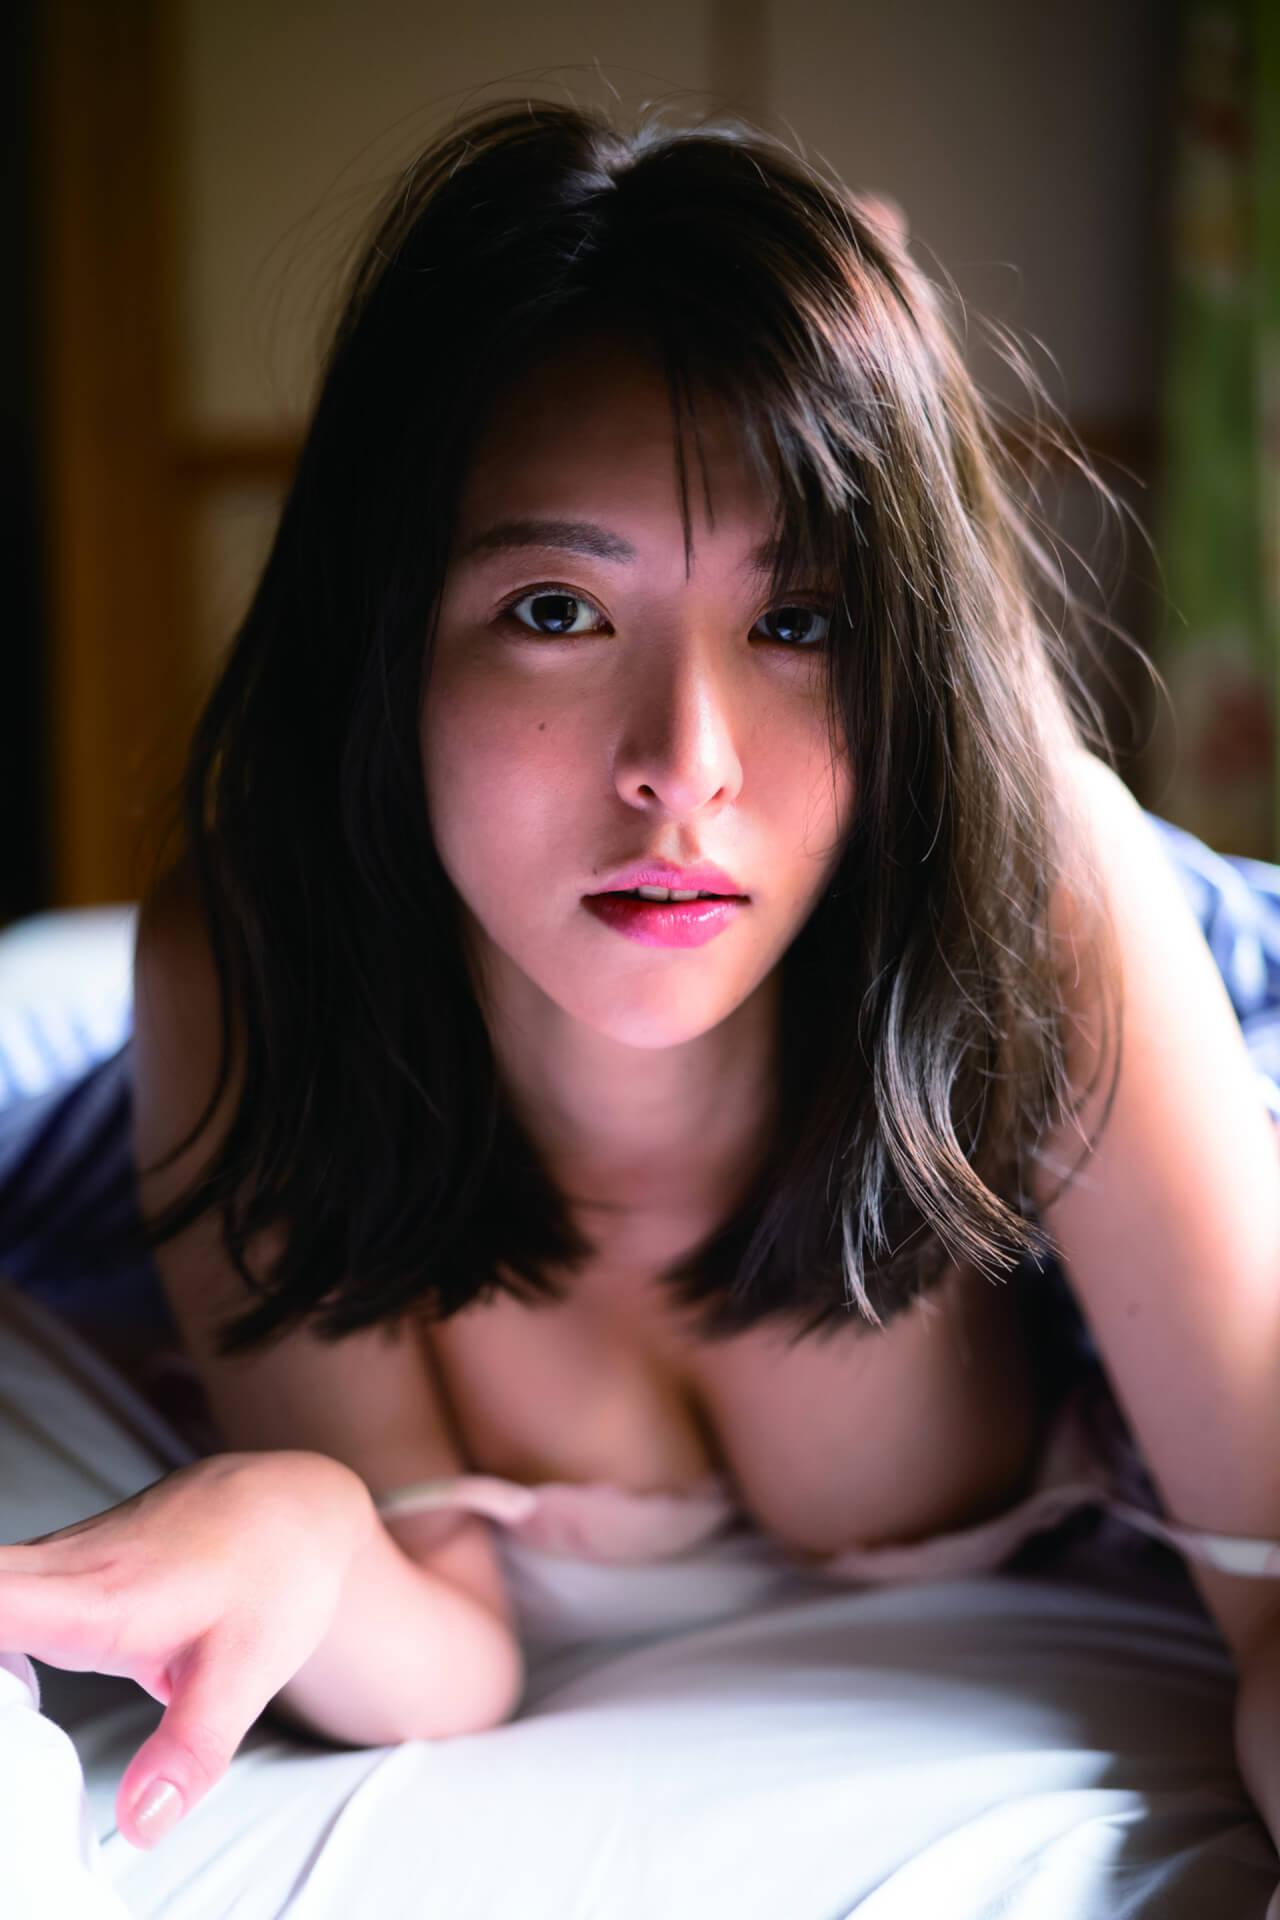 写真集『たまゆら』でセクシーすぎる横乳を披露した奈月セナがサイン本お渡し会を開催!コメントも到着 art210705_natsukisena_5